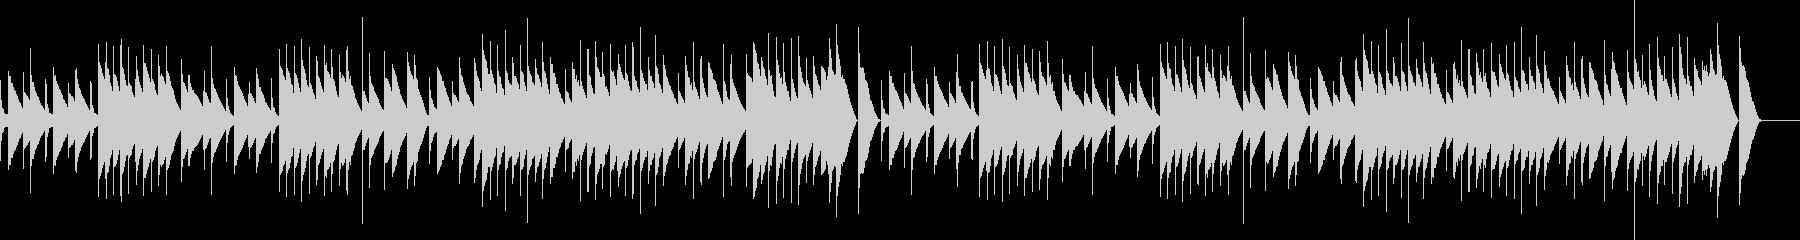 サティ ジムノペディ (オルゴール)の未再生の波形